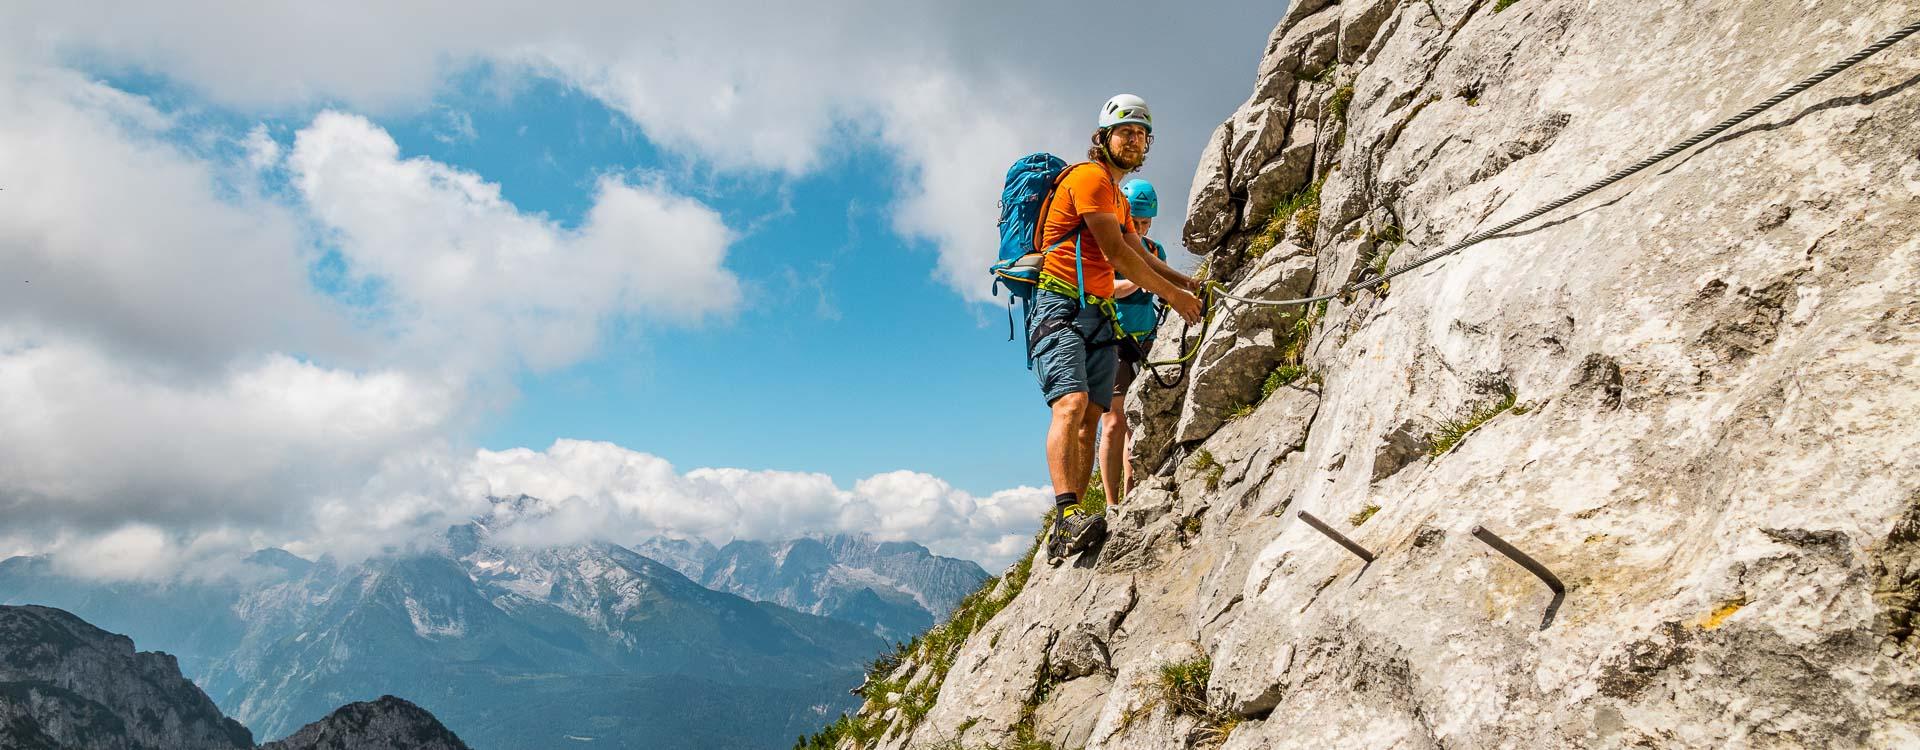 Klettersteig Kurs fuer Einsteiger im Nationalpark Berchtesgaden